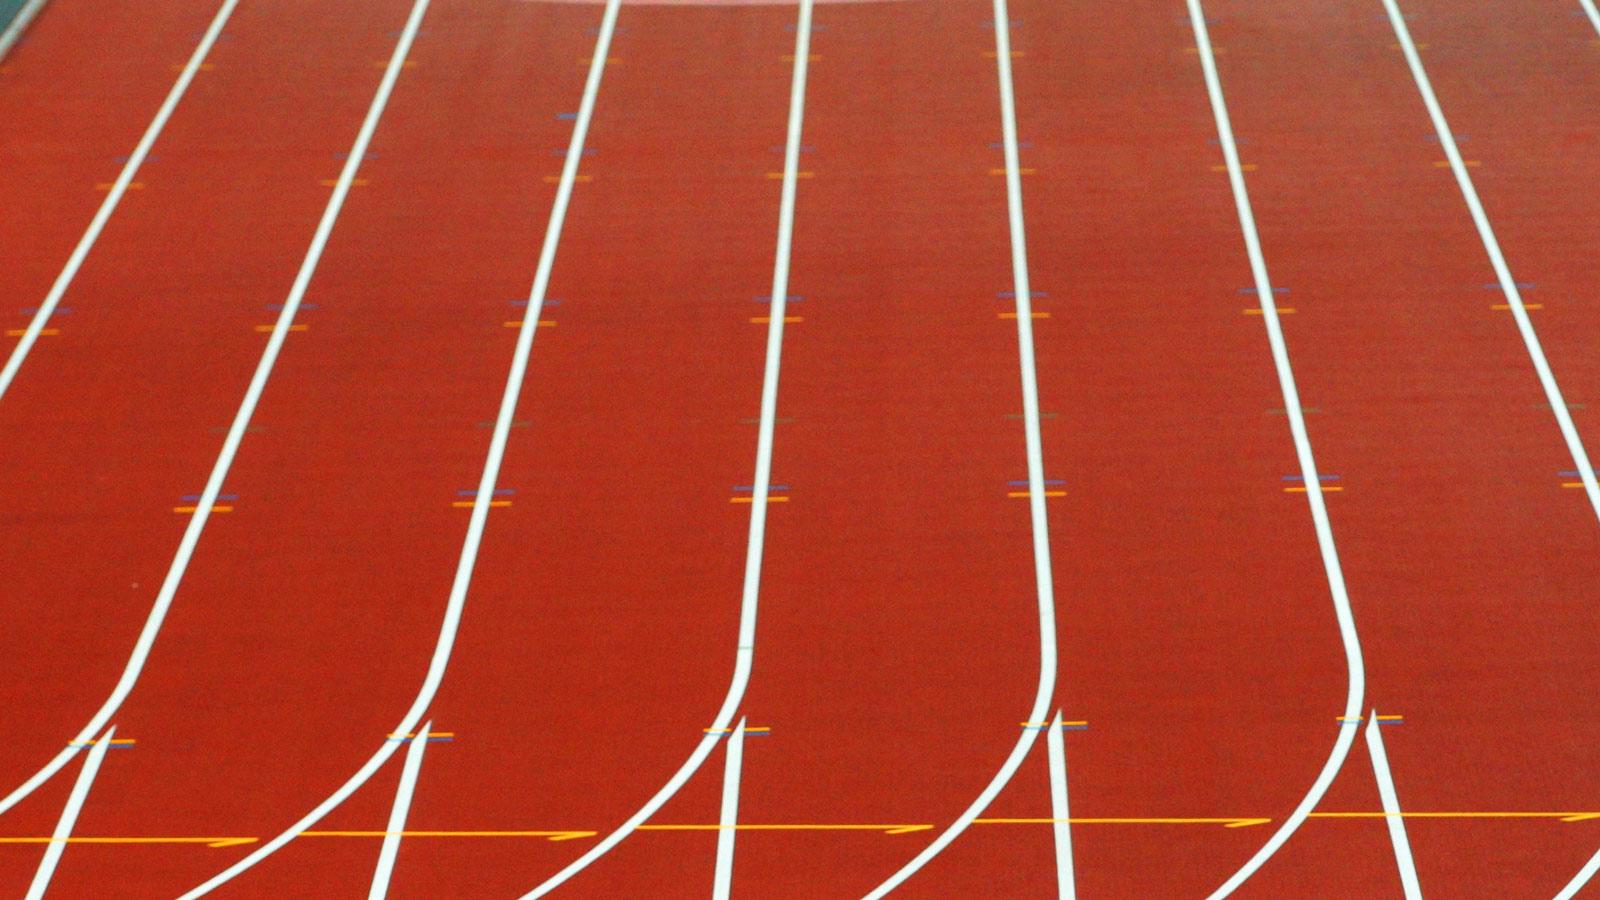 Канал футбол 1 в прямом эфире Wallpaper: Легкая атлетика